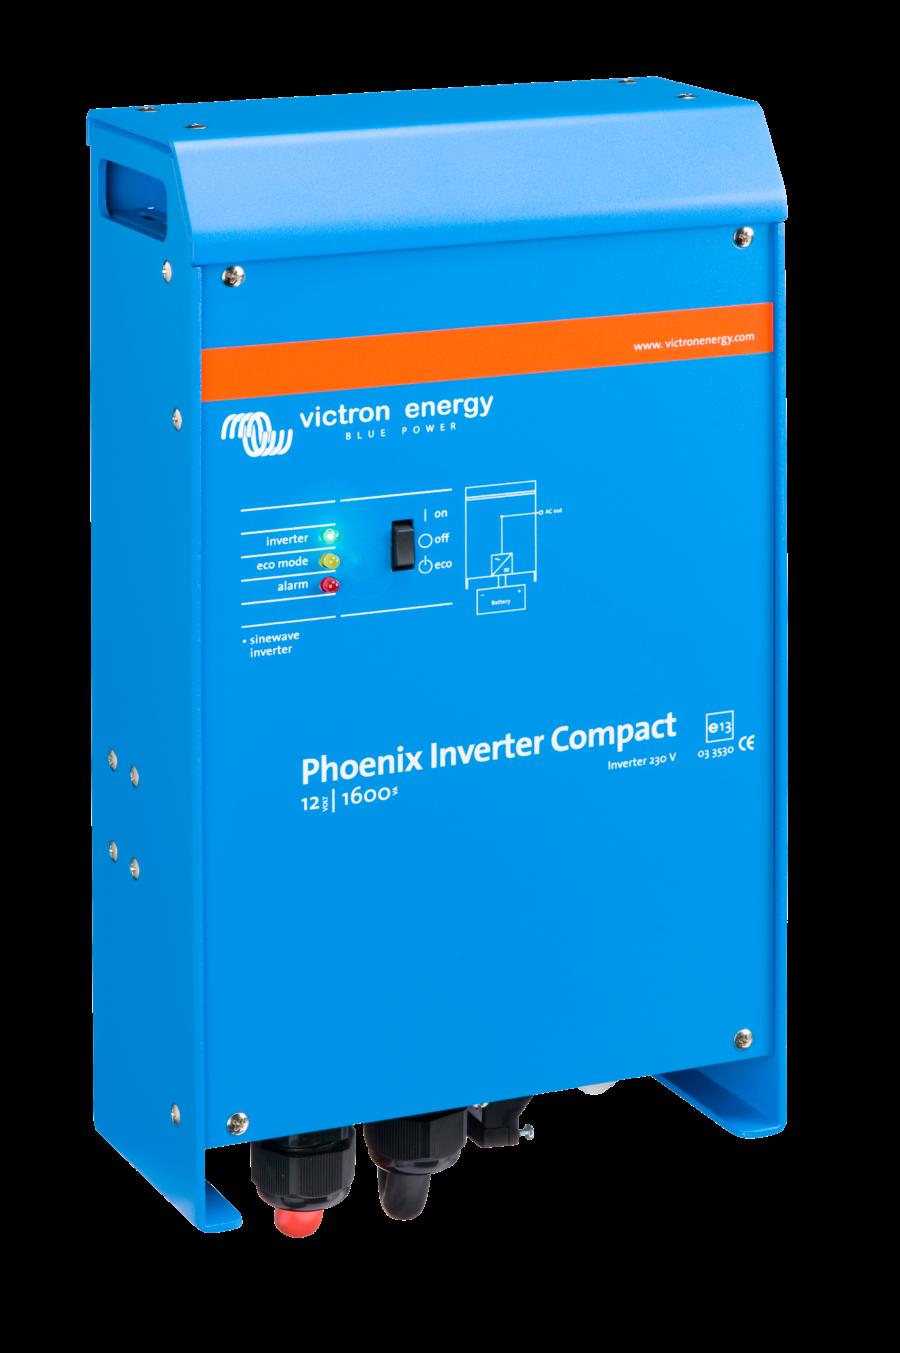 convertisseur-phoenix-compact-12v-1200va-pur-sinus-victron-energy